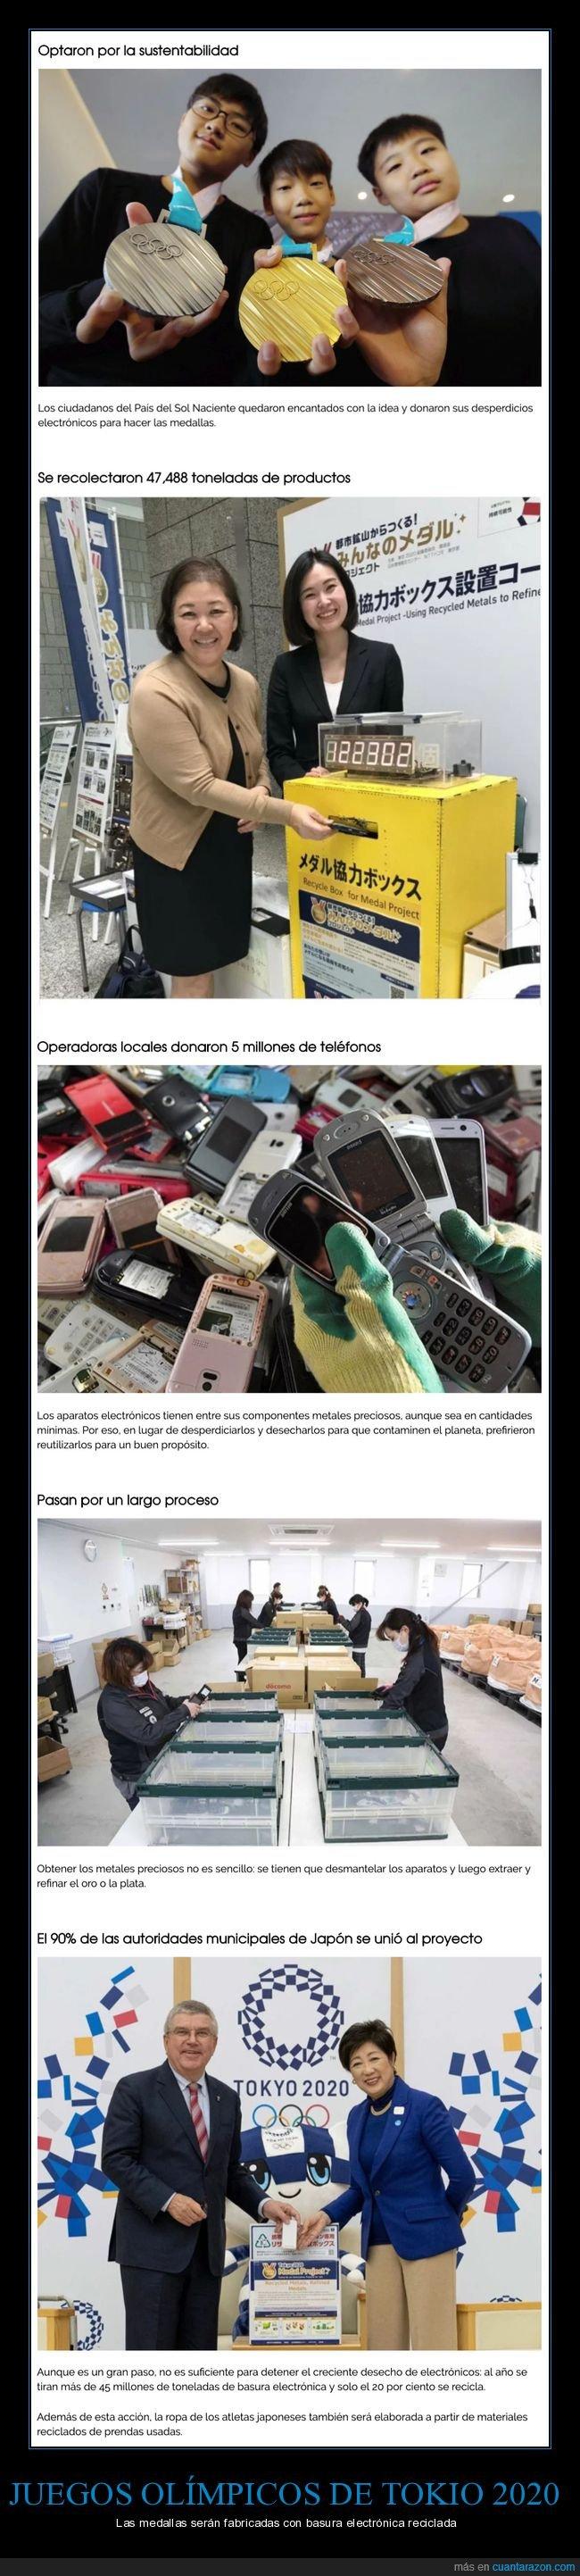 basura electrónica,juegos olímpicos,reciclaje,tokio 2020